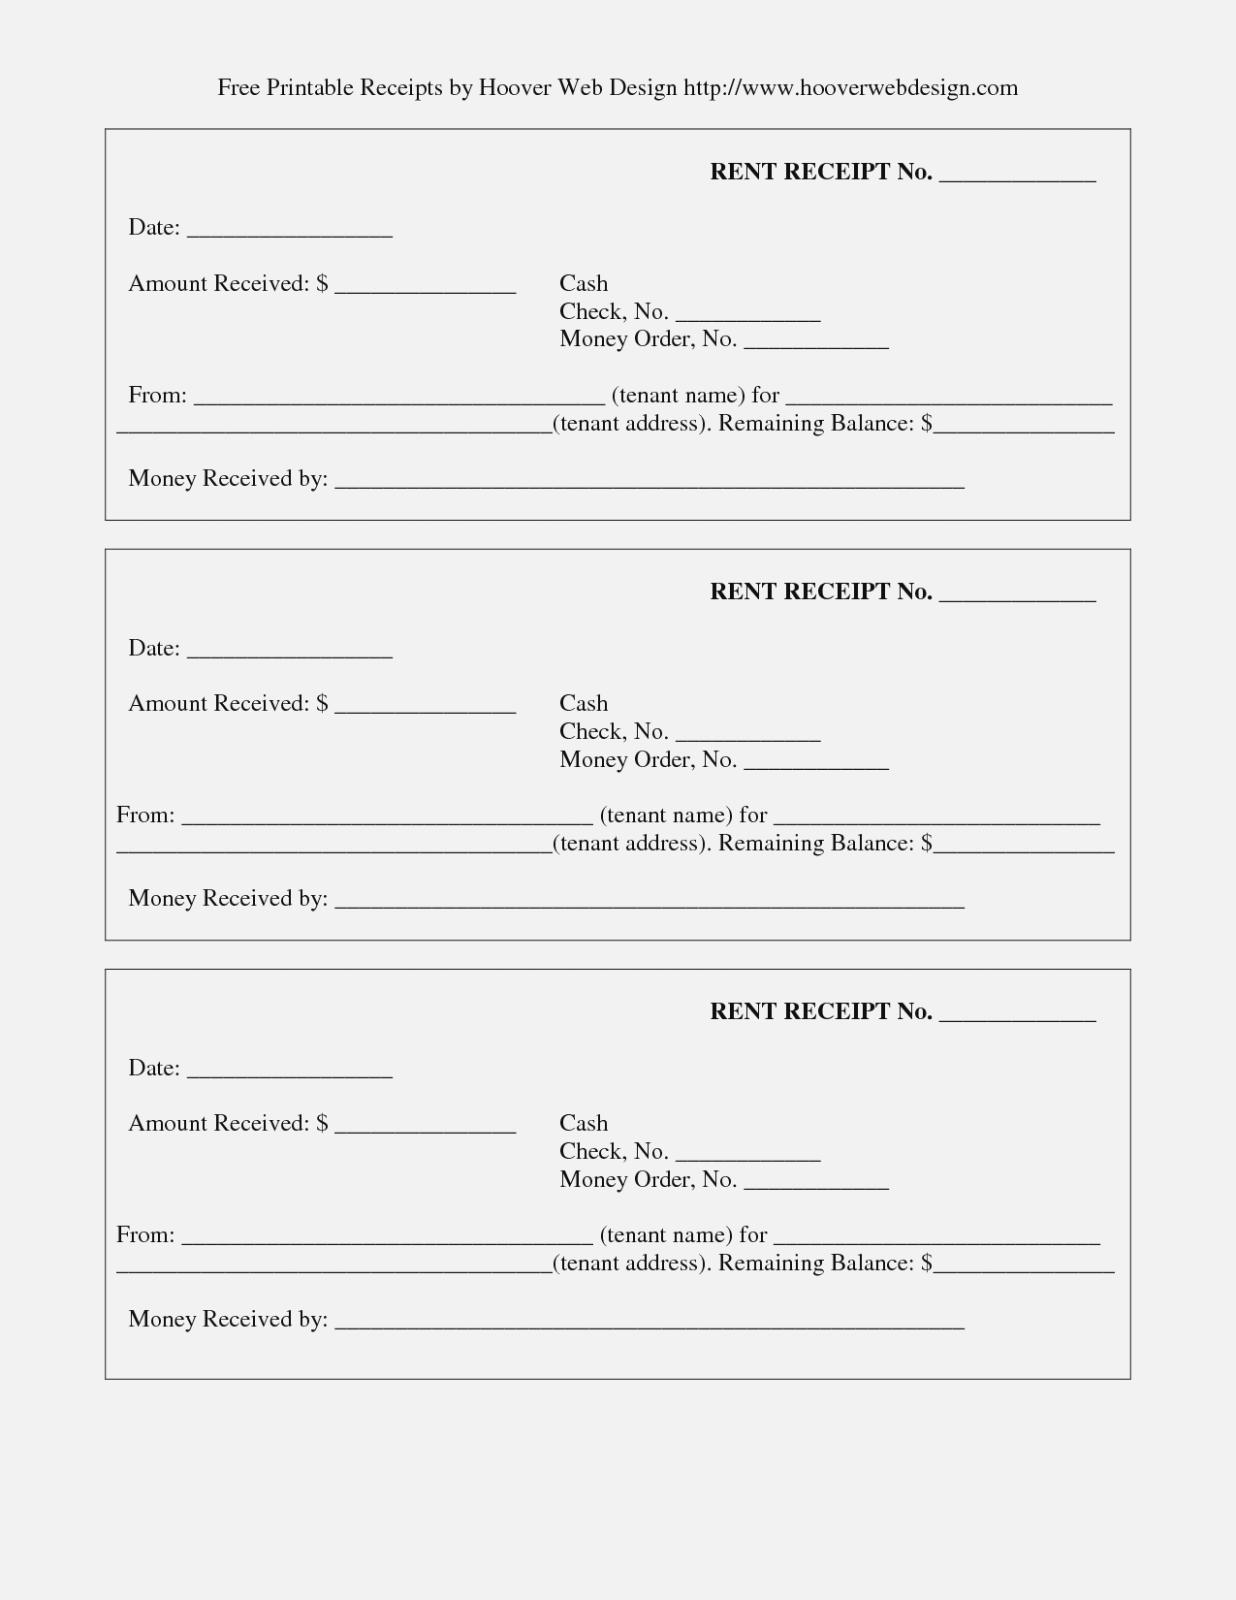 Unique Printable Receipts Exceltemplate Xls Xlstemplate Xlsformat Excelformat Micr Receipt Template Free Receipt Template Job Application Letter Template